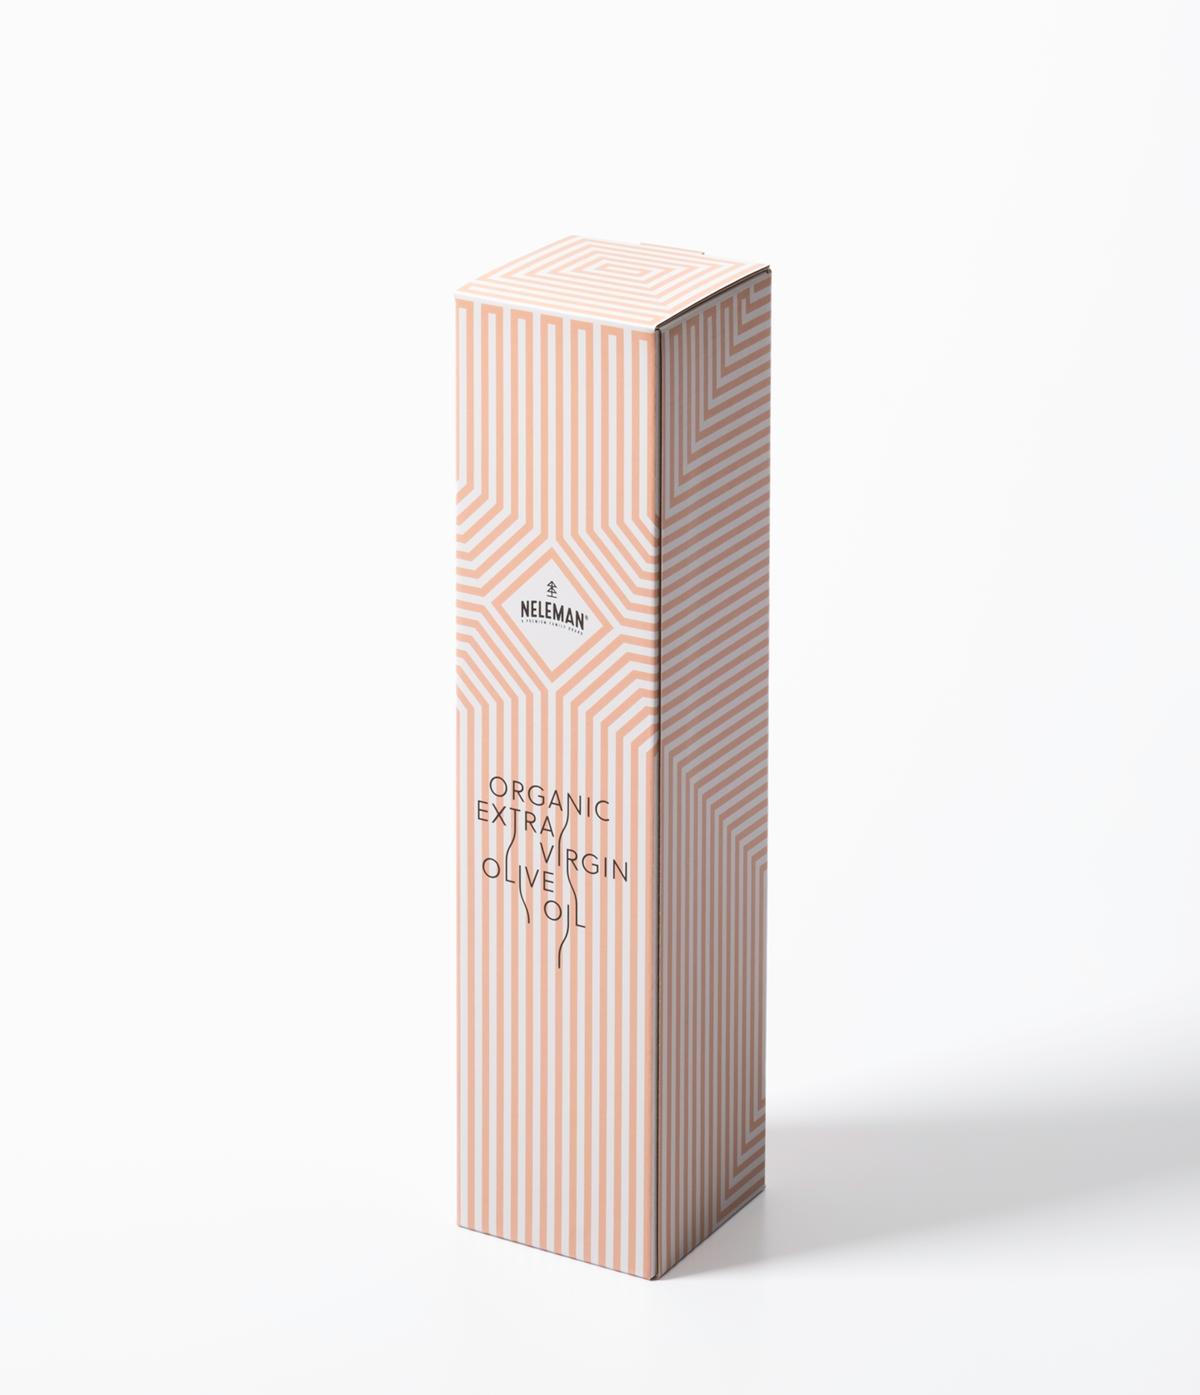 Verpakkingen voor Neleman Wines